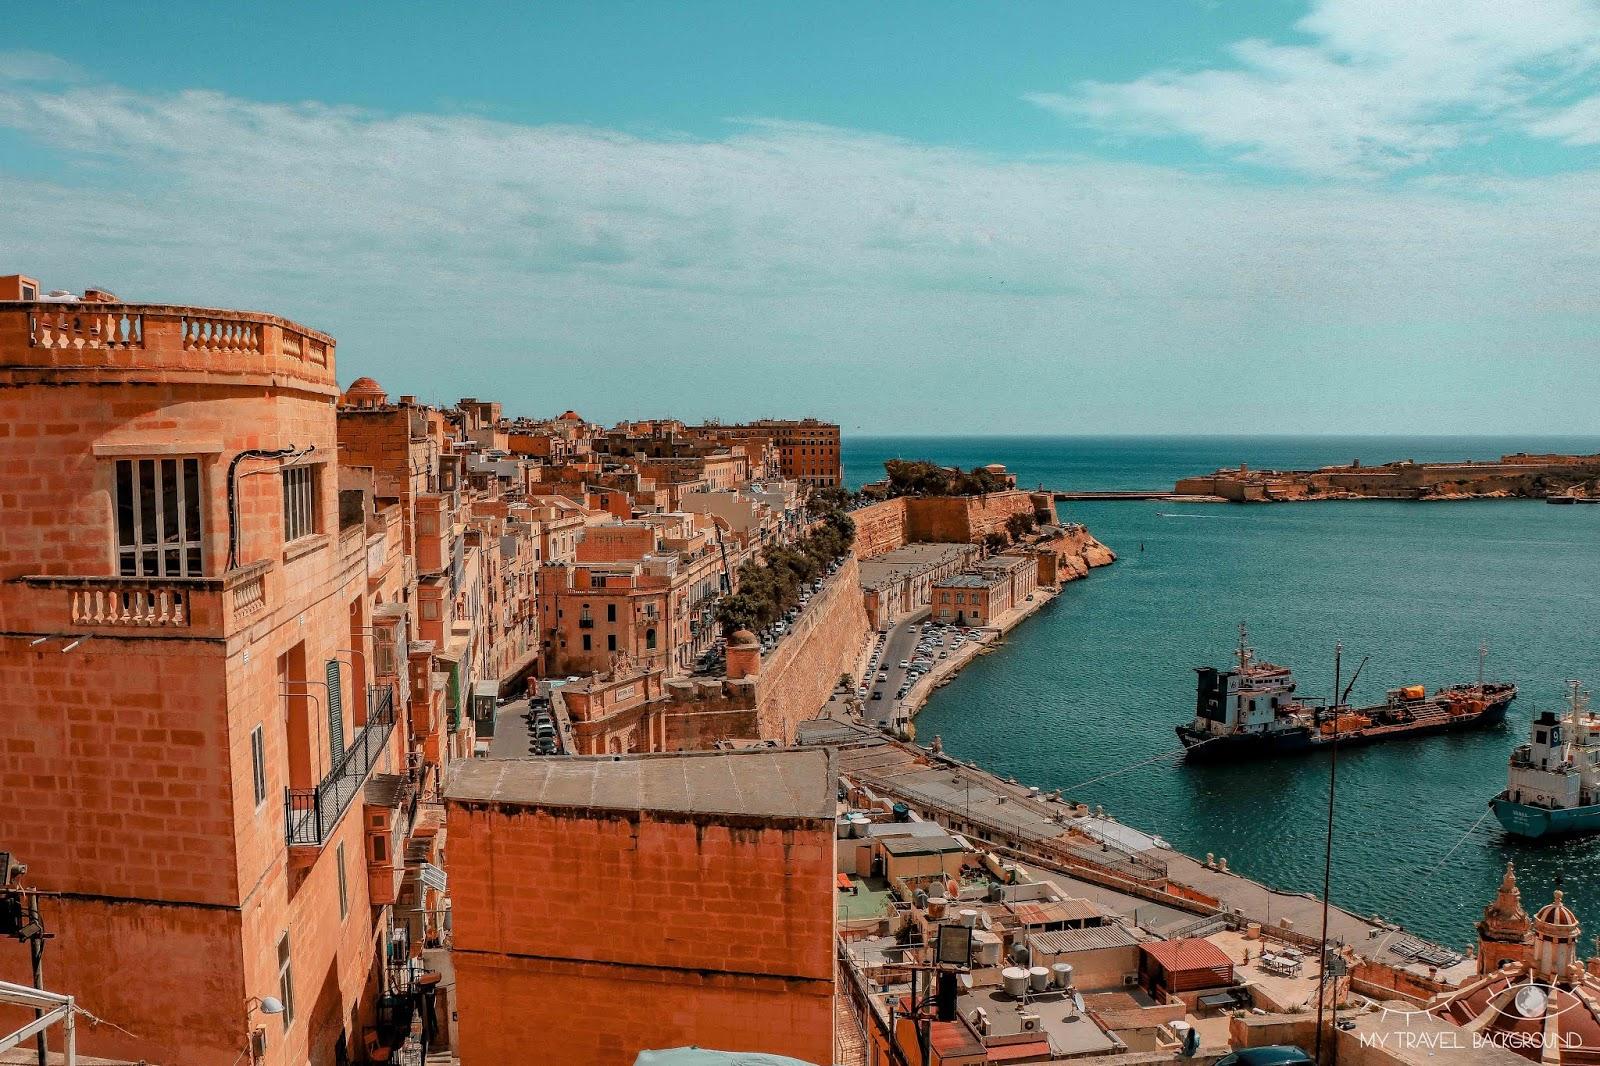 My Travel Background : les incontournables de Malte, Île de Malte (partie 1) - La Valette